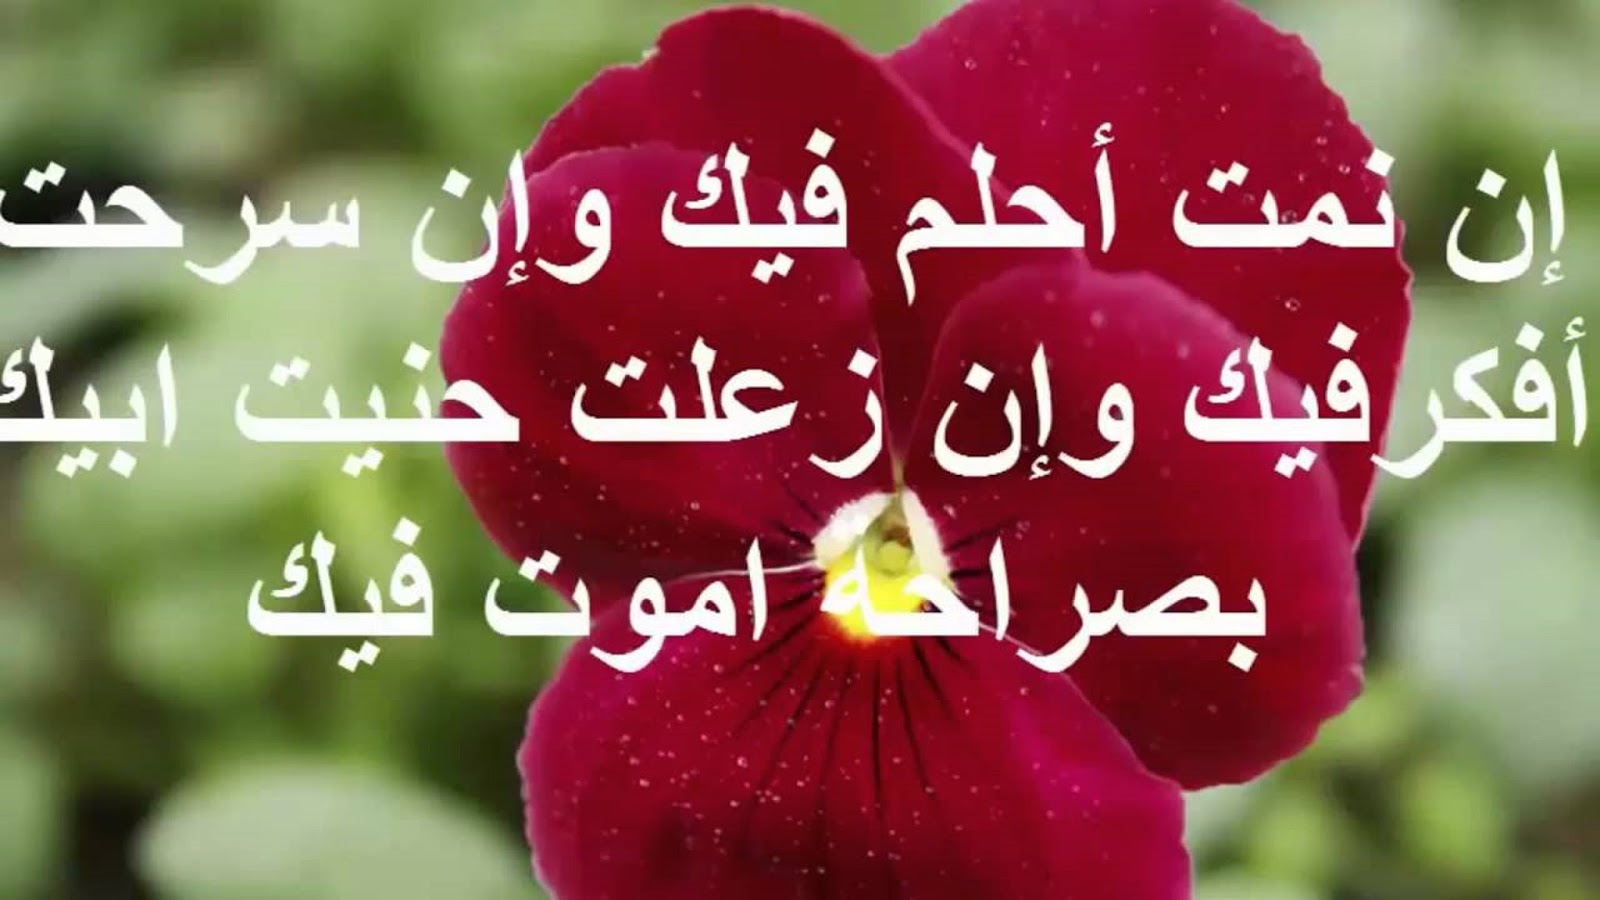 صورة رسائل الحب قصيرة , اقصر رسائل صباحيه محبه 5753 3